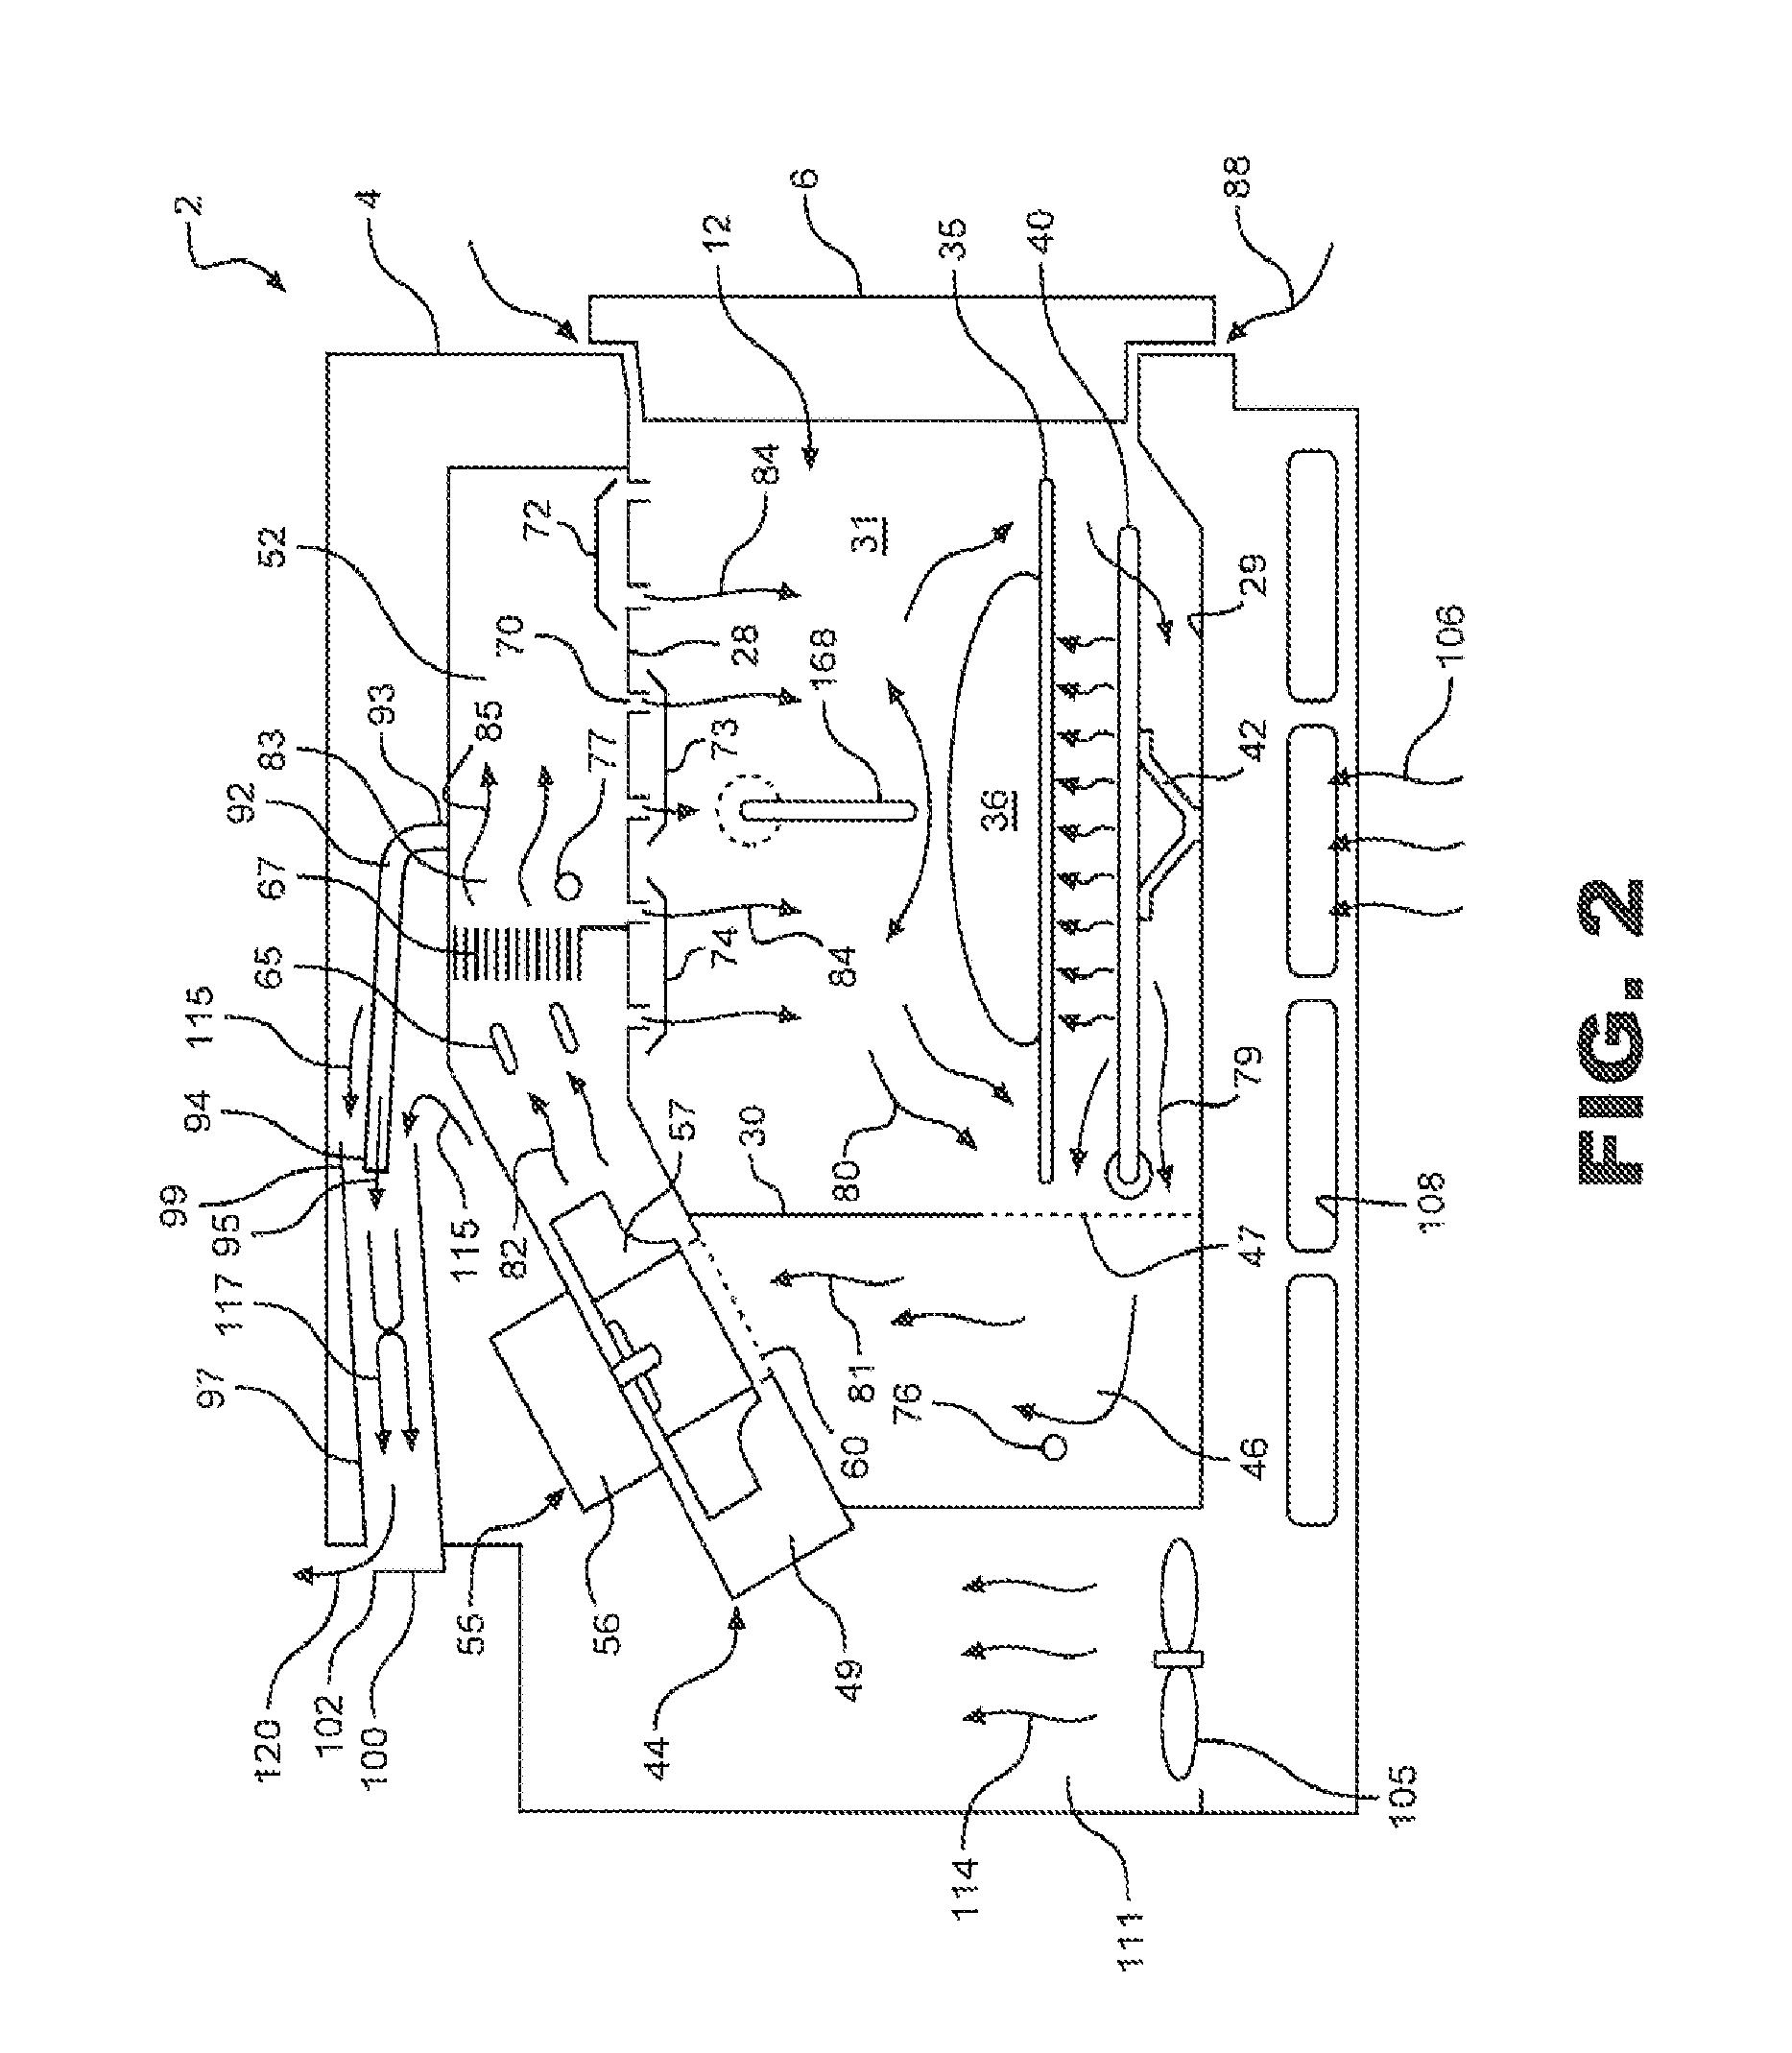 blodgett zephaire g wiring diagram bmw e39 wiring diagram